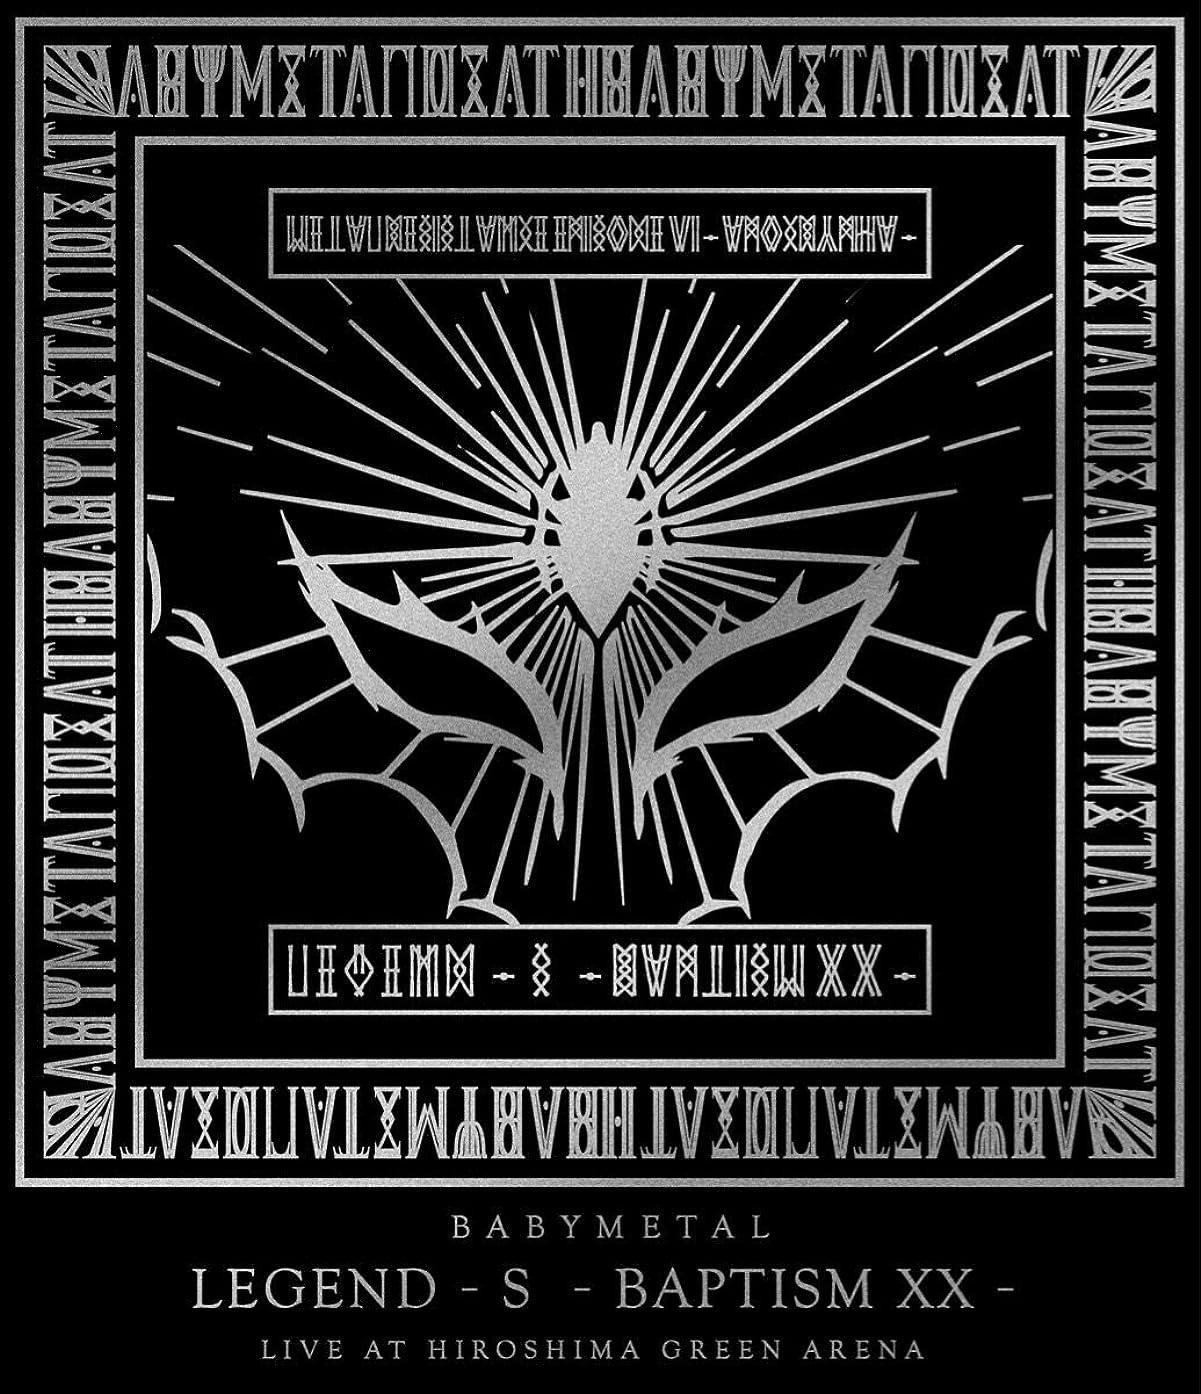 骨折でクレジット【メーカー特典あり】「LEGEND - S - BAPTISM XX - 」 (LIVE AT HIROSHIMA GREEN ARENA) [Blu-ray] (「- BAPTISM XX -」うちわ付)